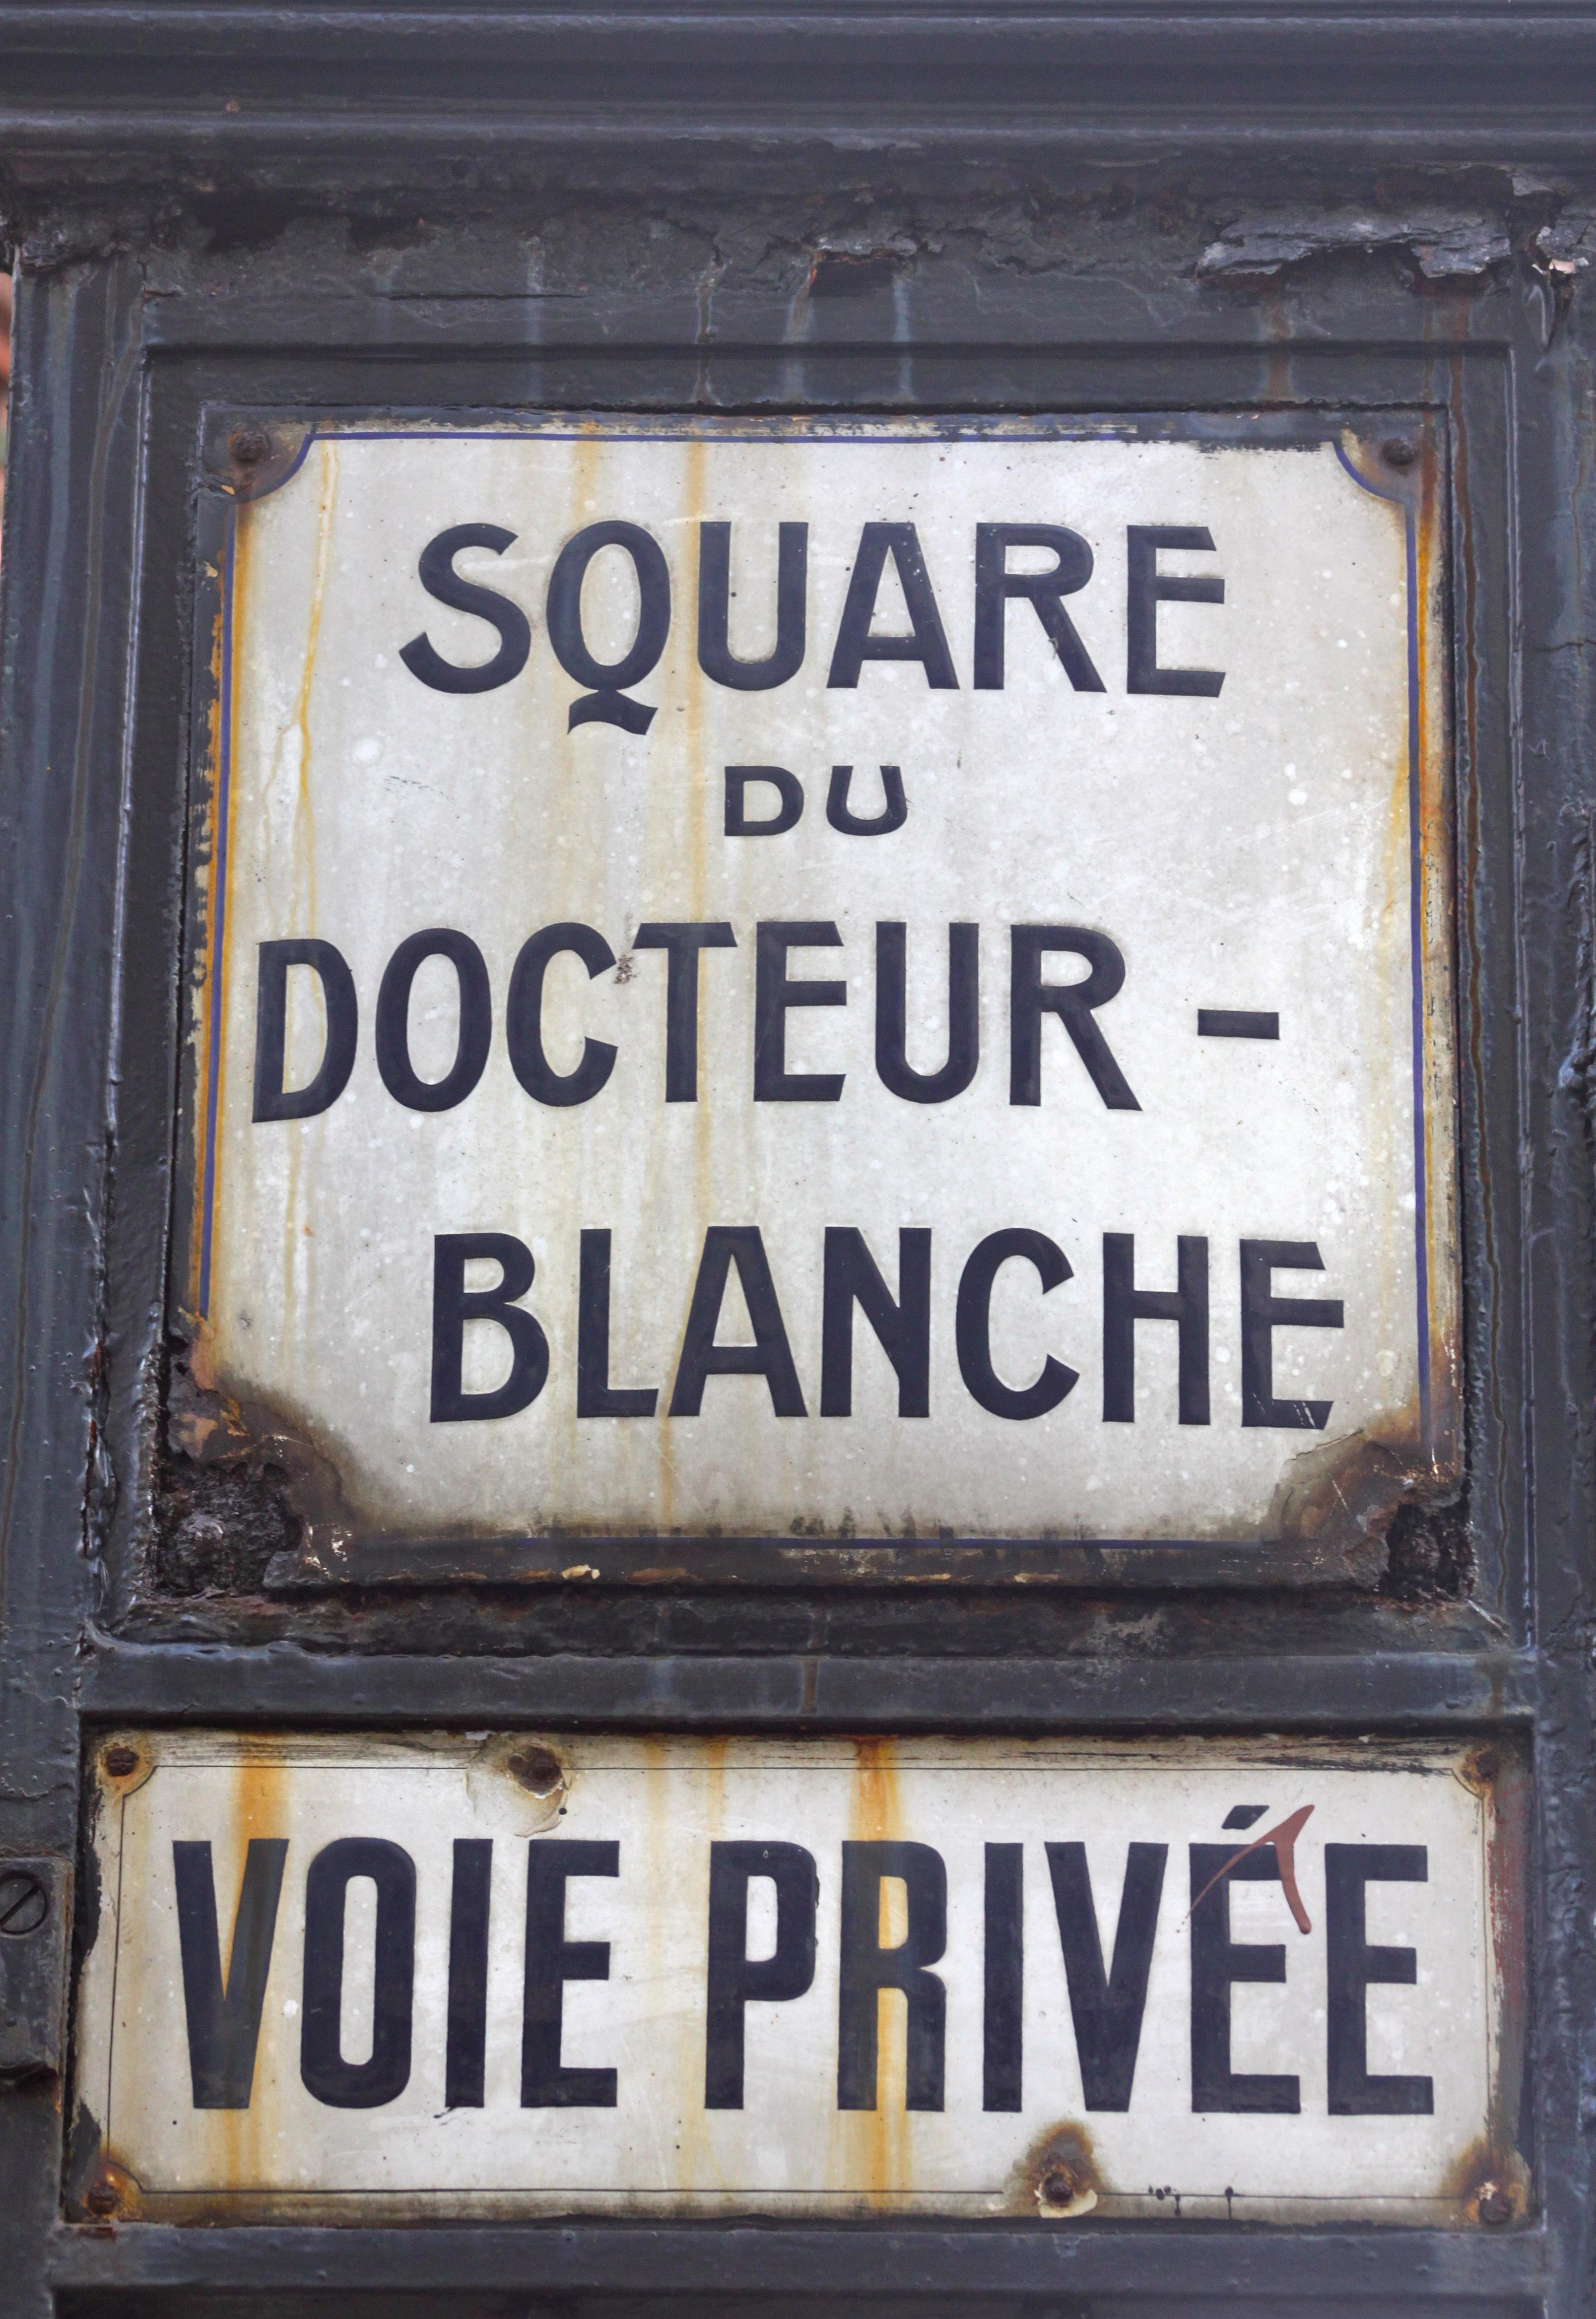 Maison la roche foundation le corbusier paris ad le - 10 square du docteur blanche 75016 paris ...